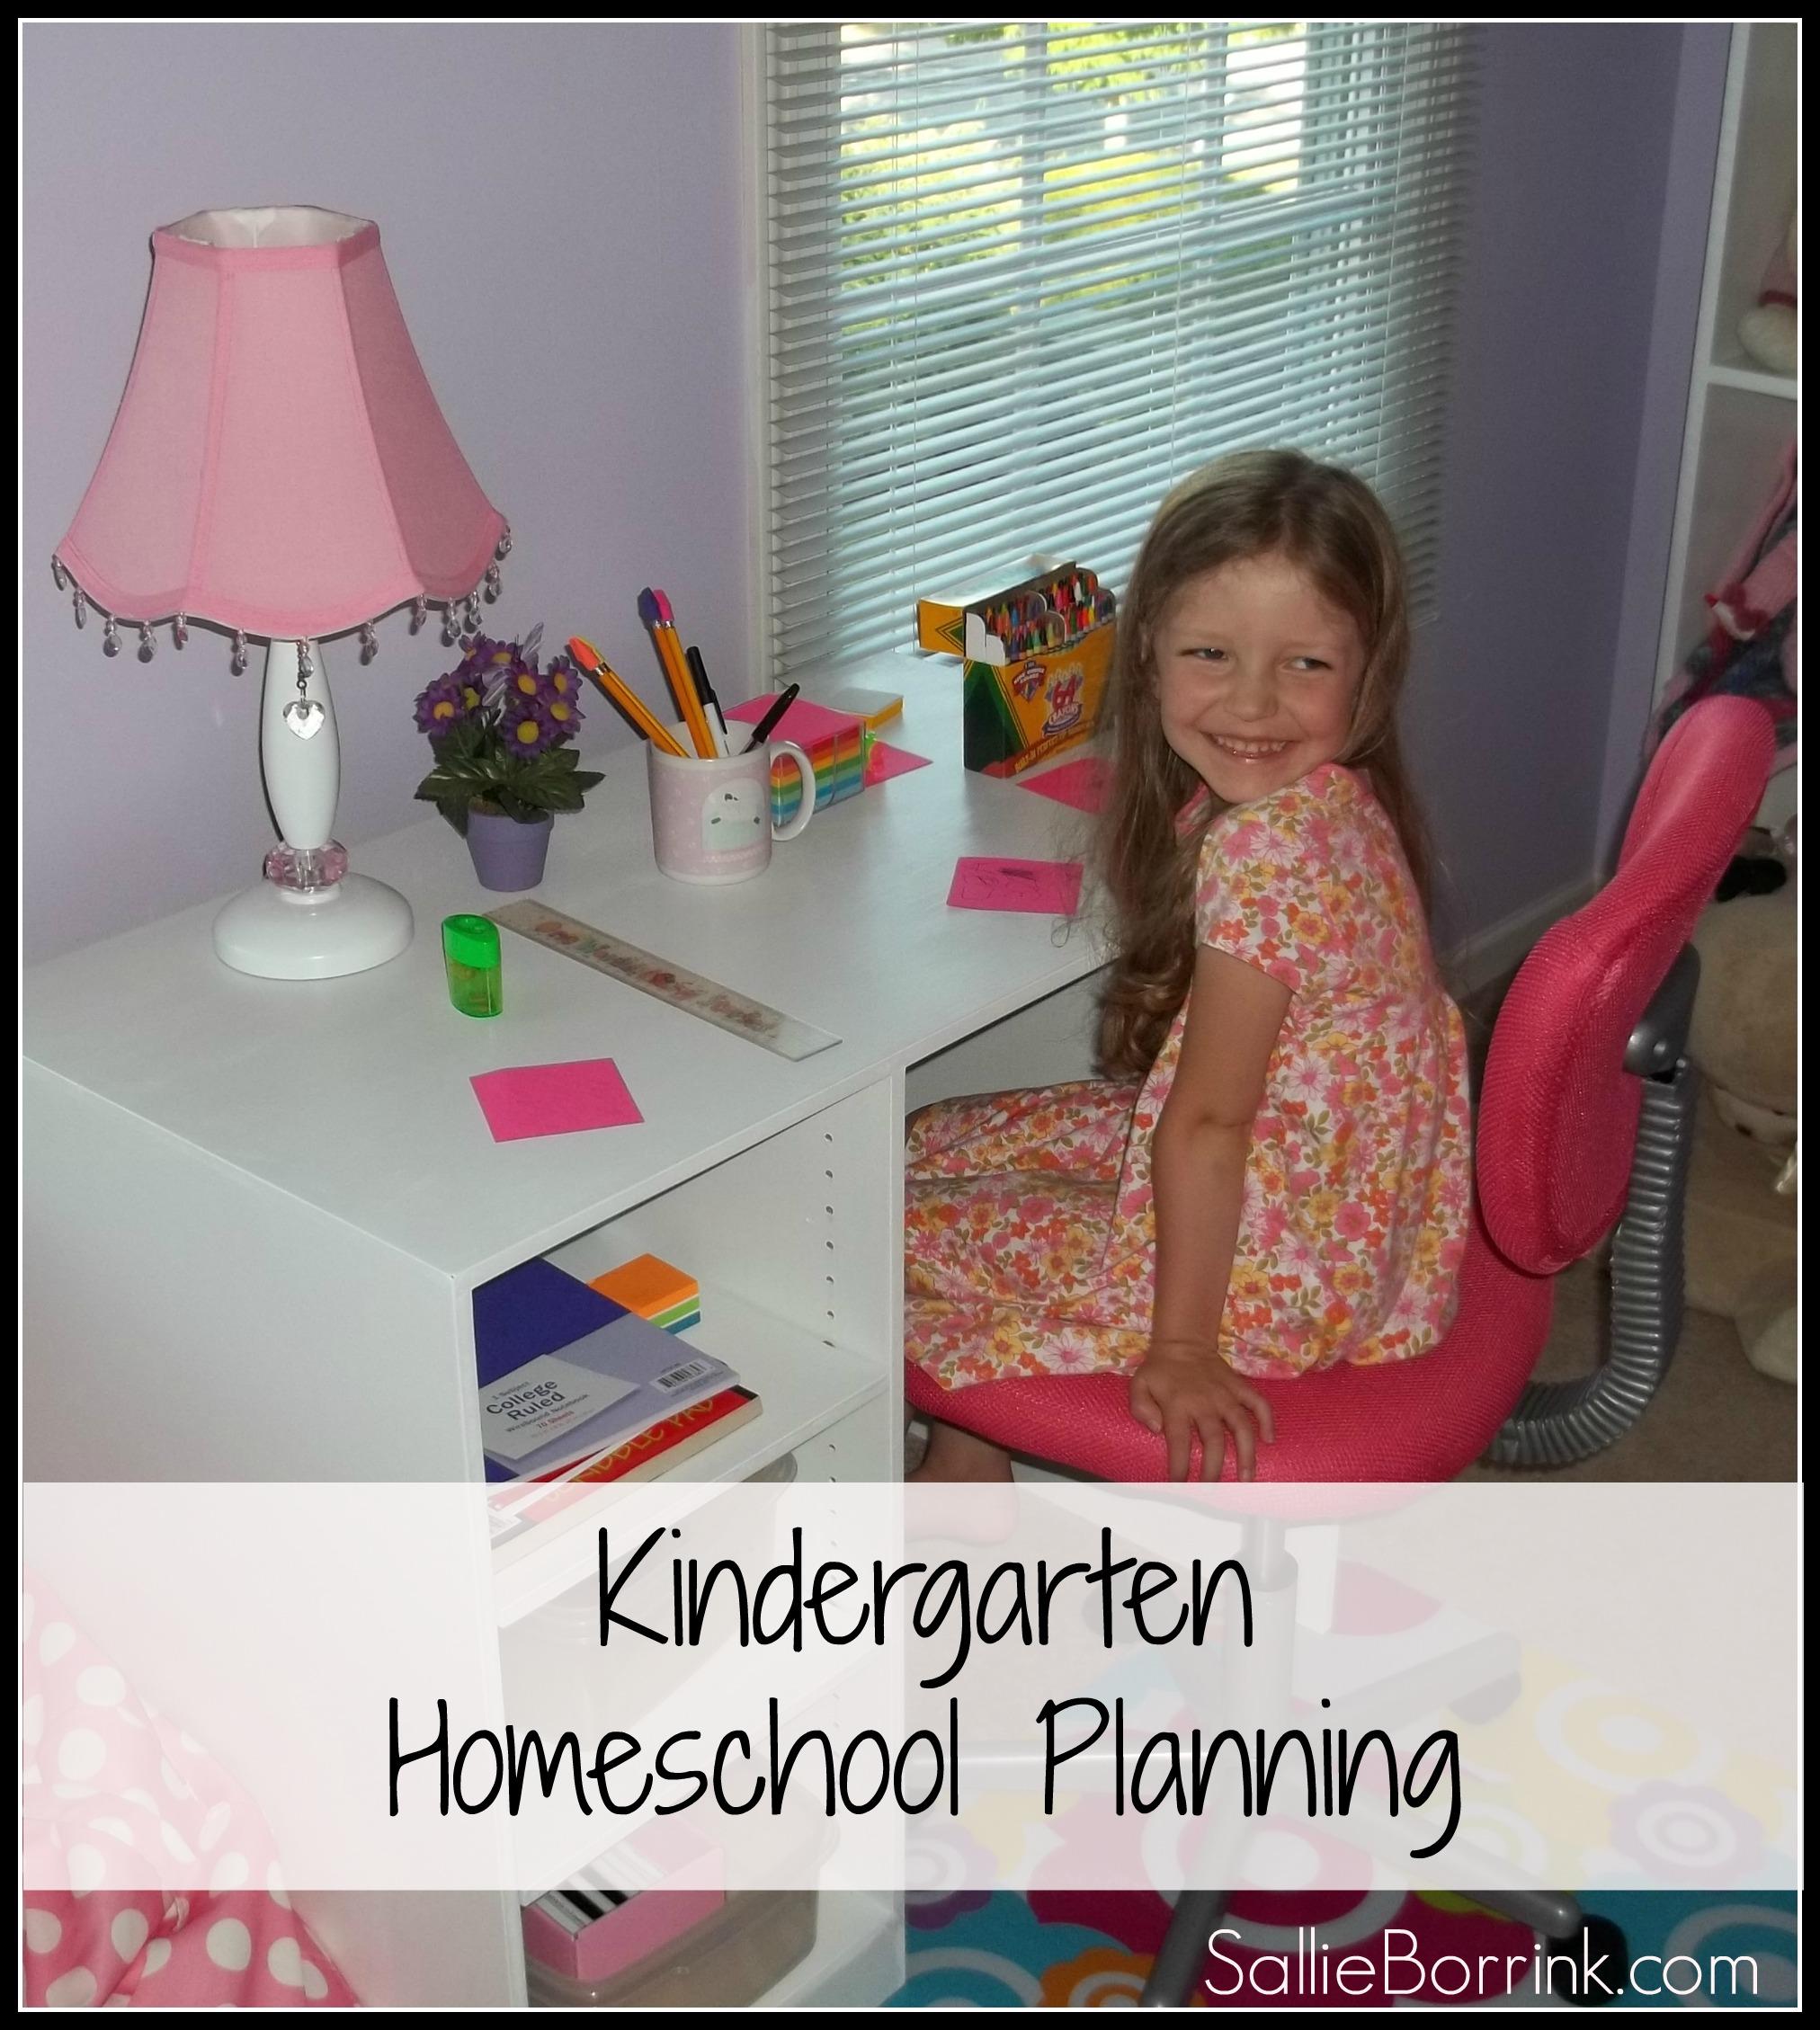 Kindergarten Homeschool Planning